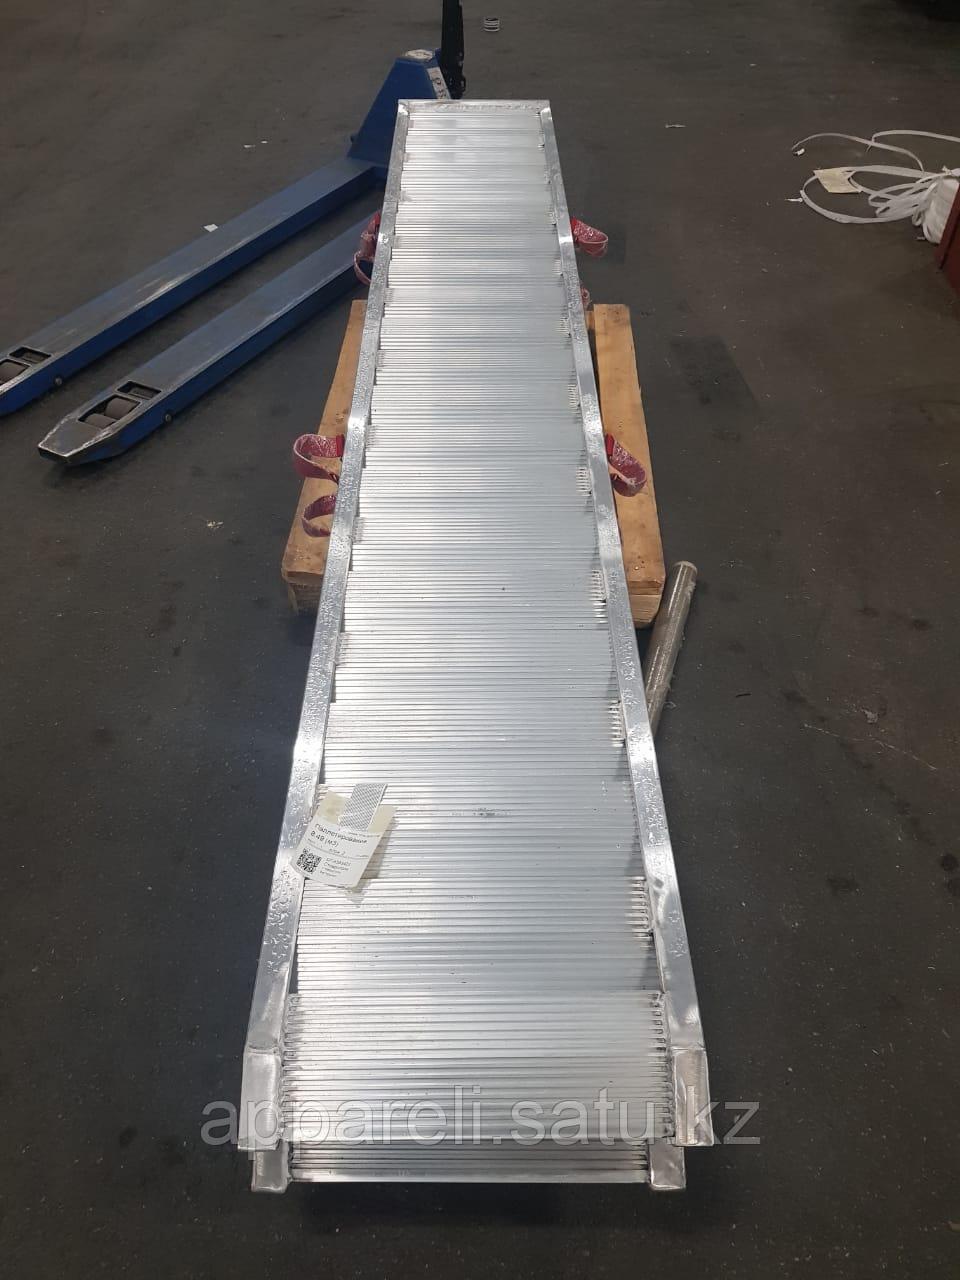 Производство трапов сходней алюминиевых 10000 кг